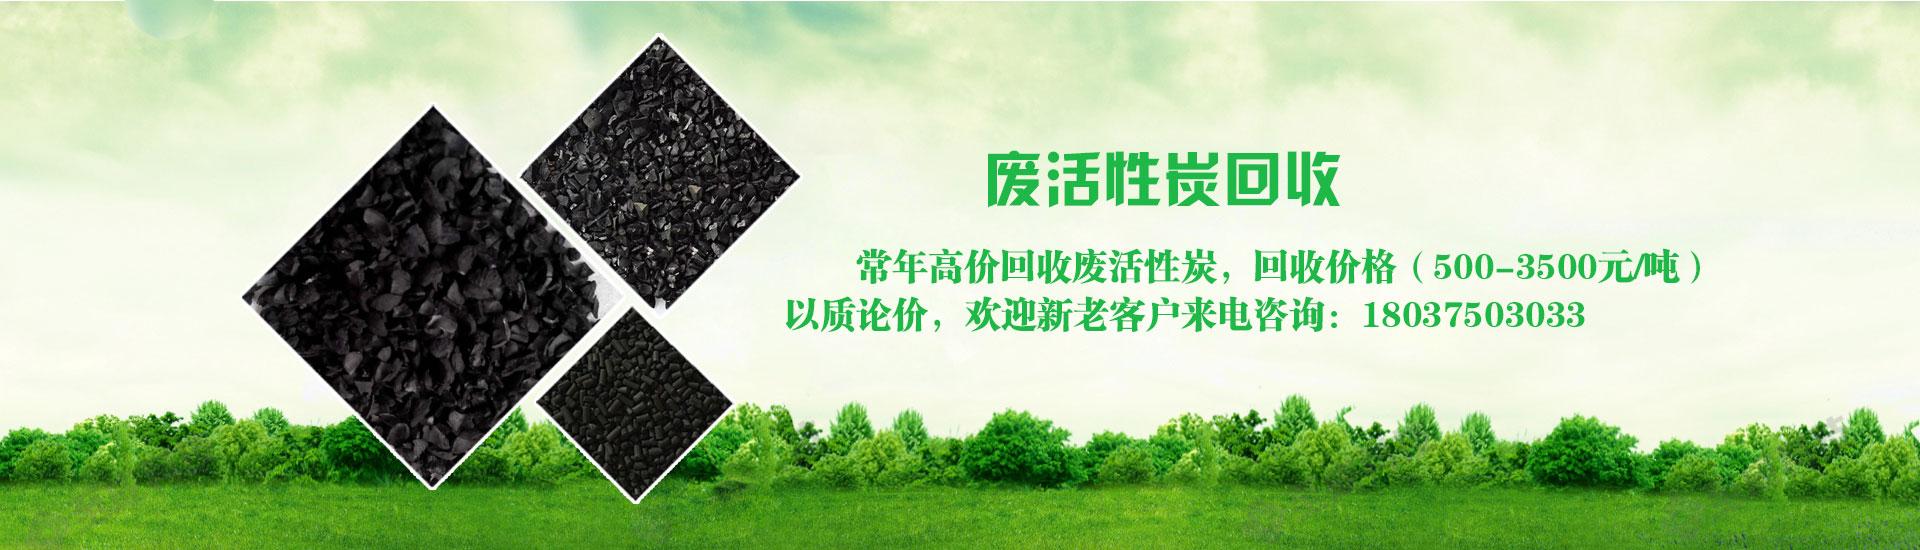 河南�B津活性炭有限公司